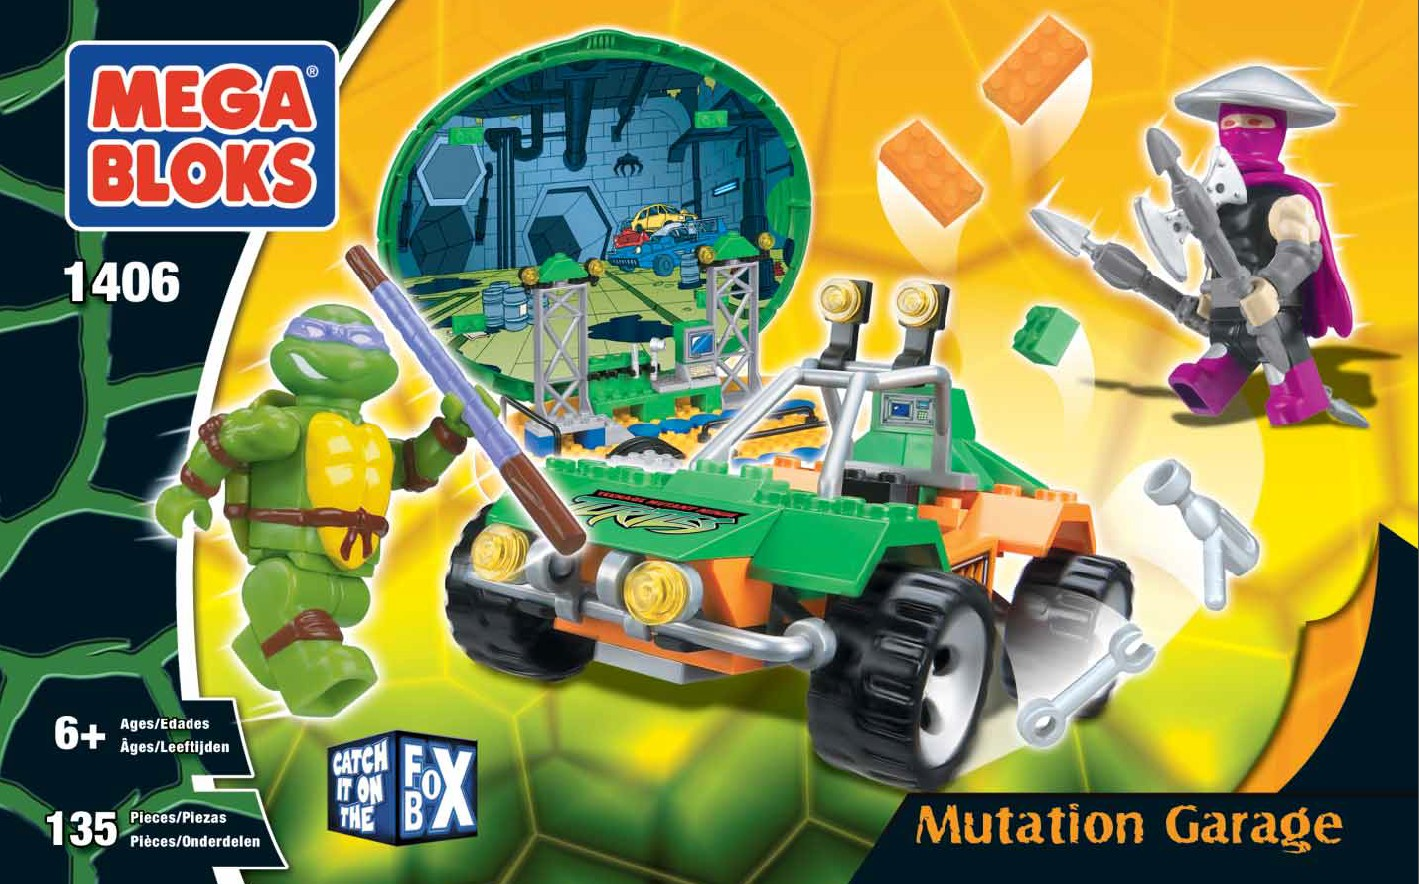 ... Mega Bloks Teenage Mutant Ninja Turtles MegaBloks from early 2000's